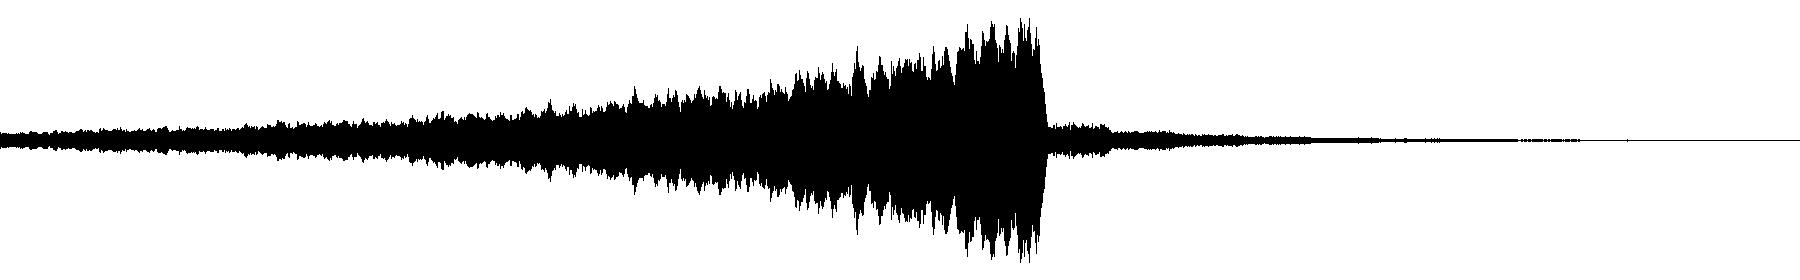 vocal rev5